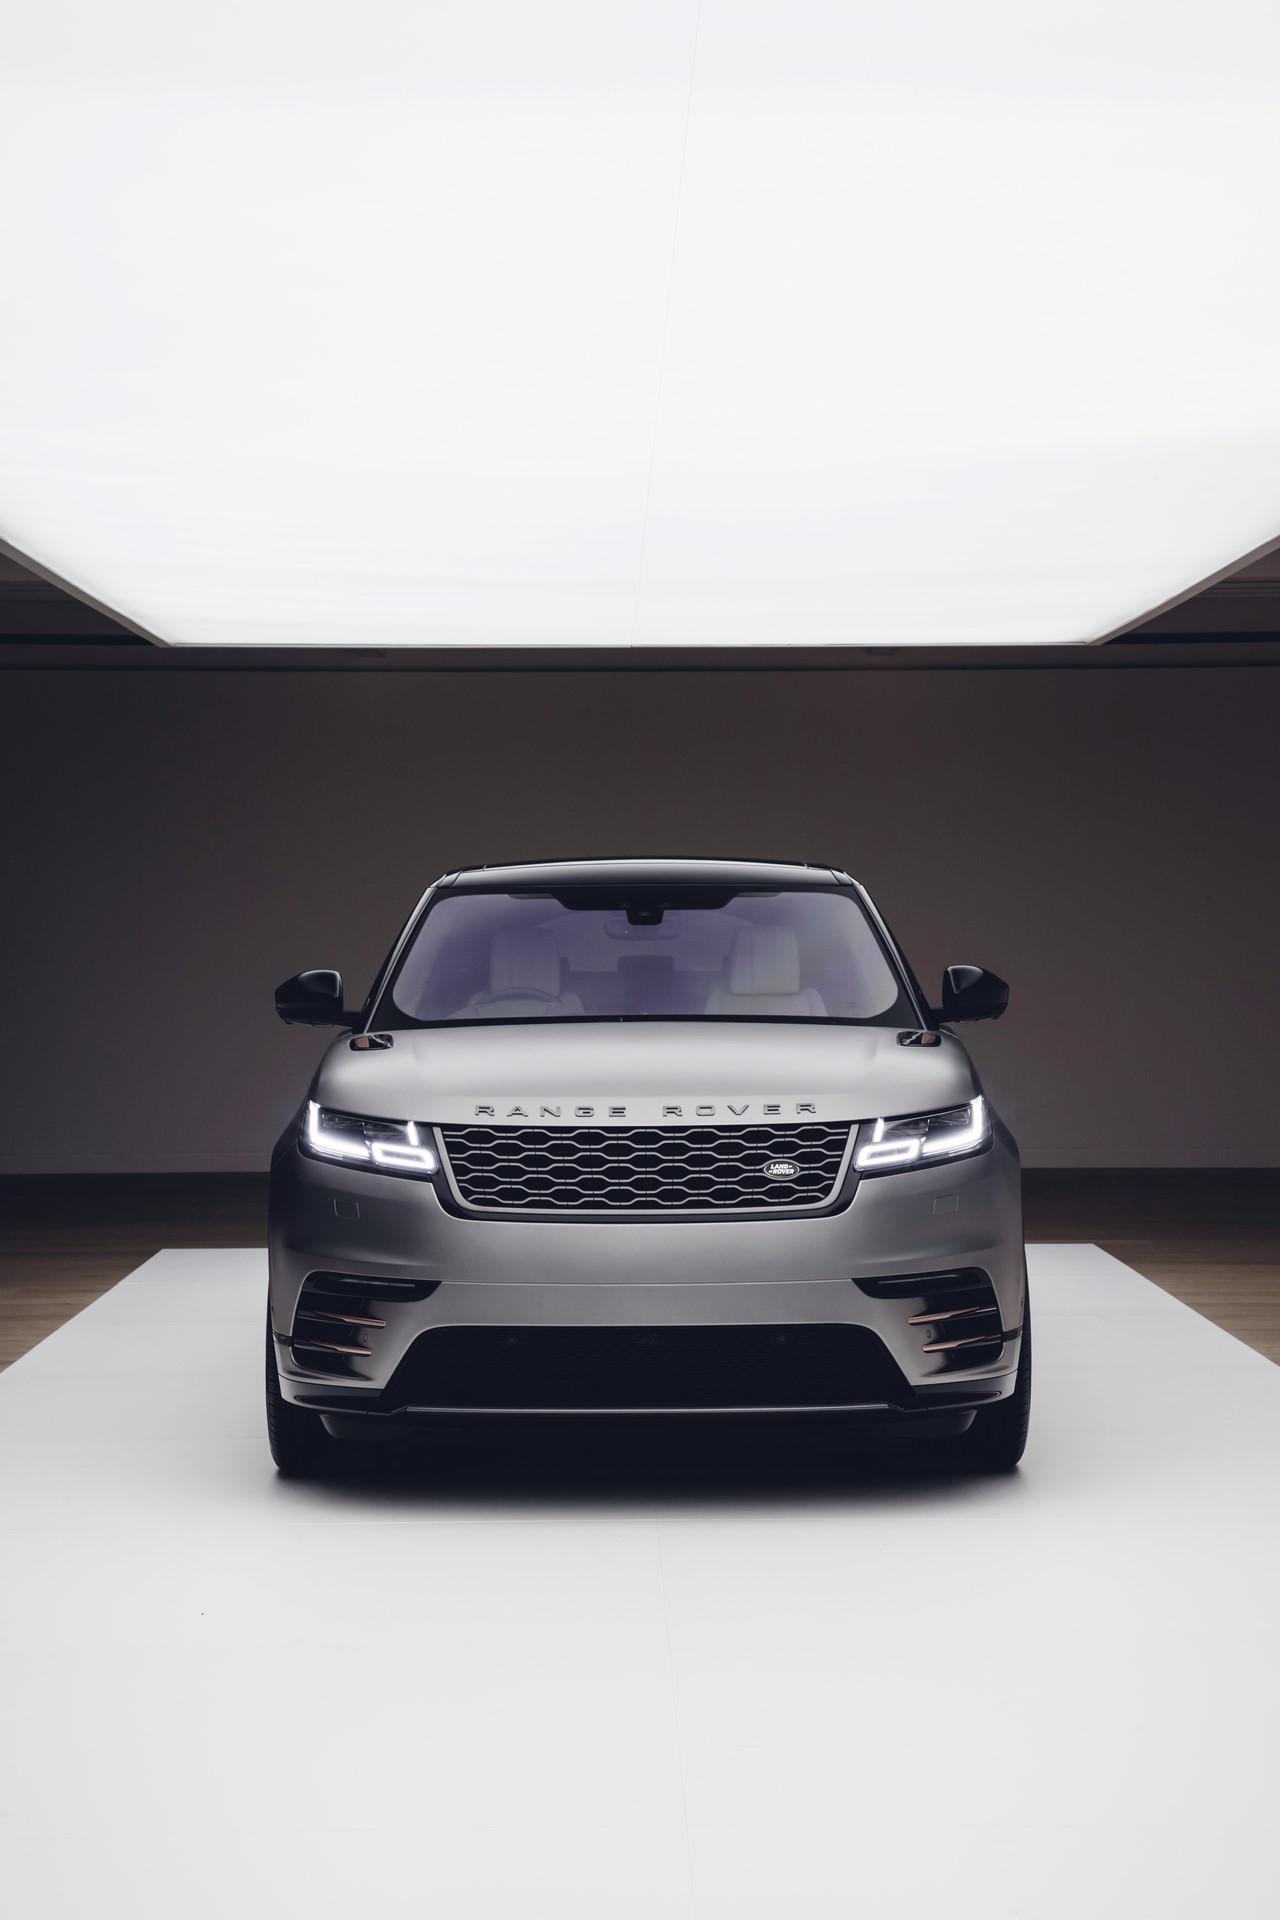 Range Rover Velar 2017 (106)